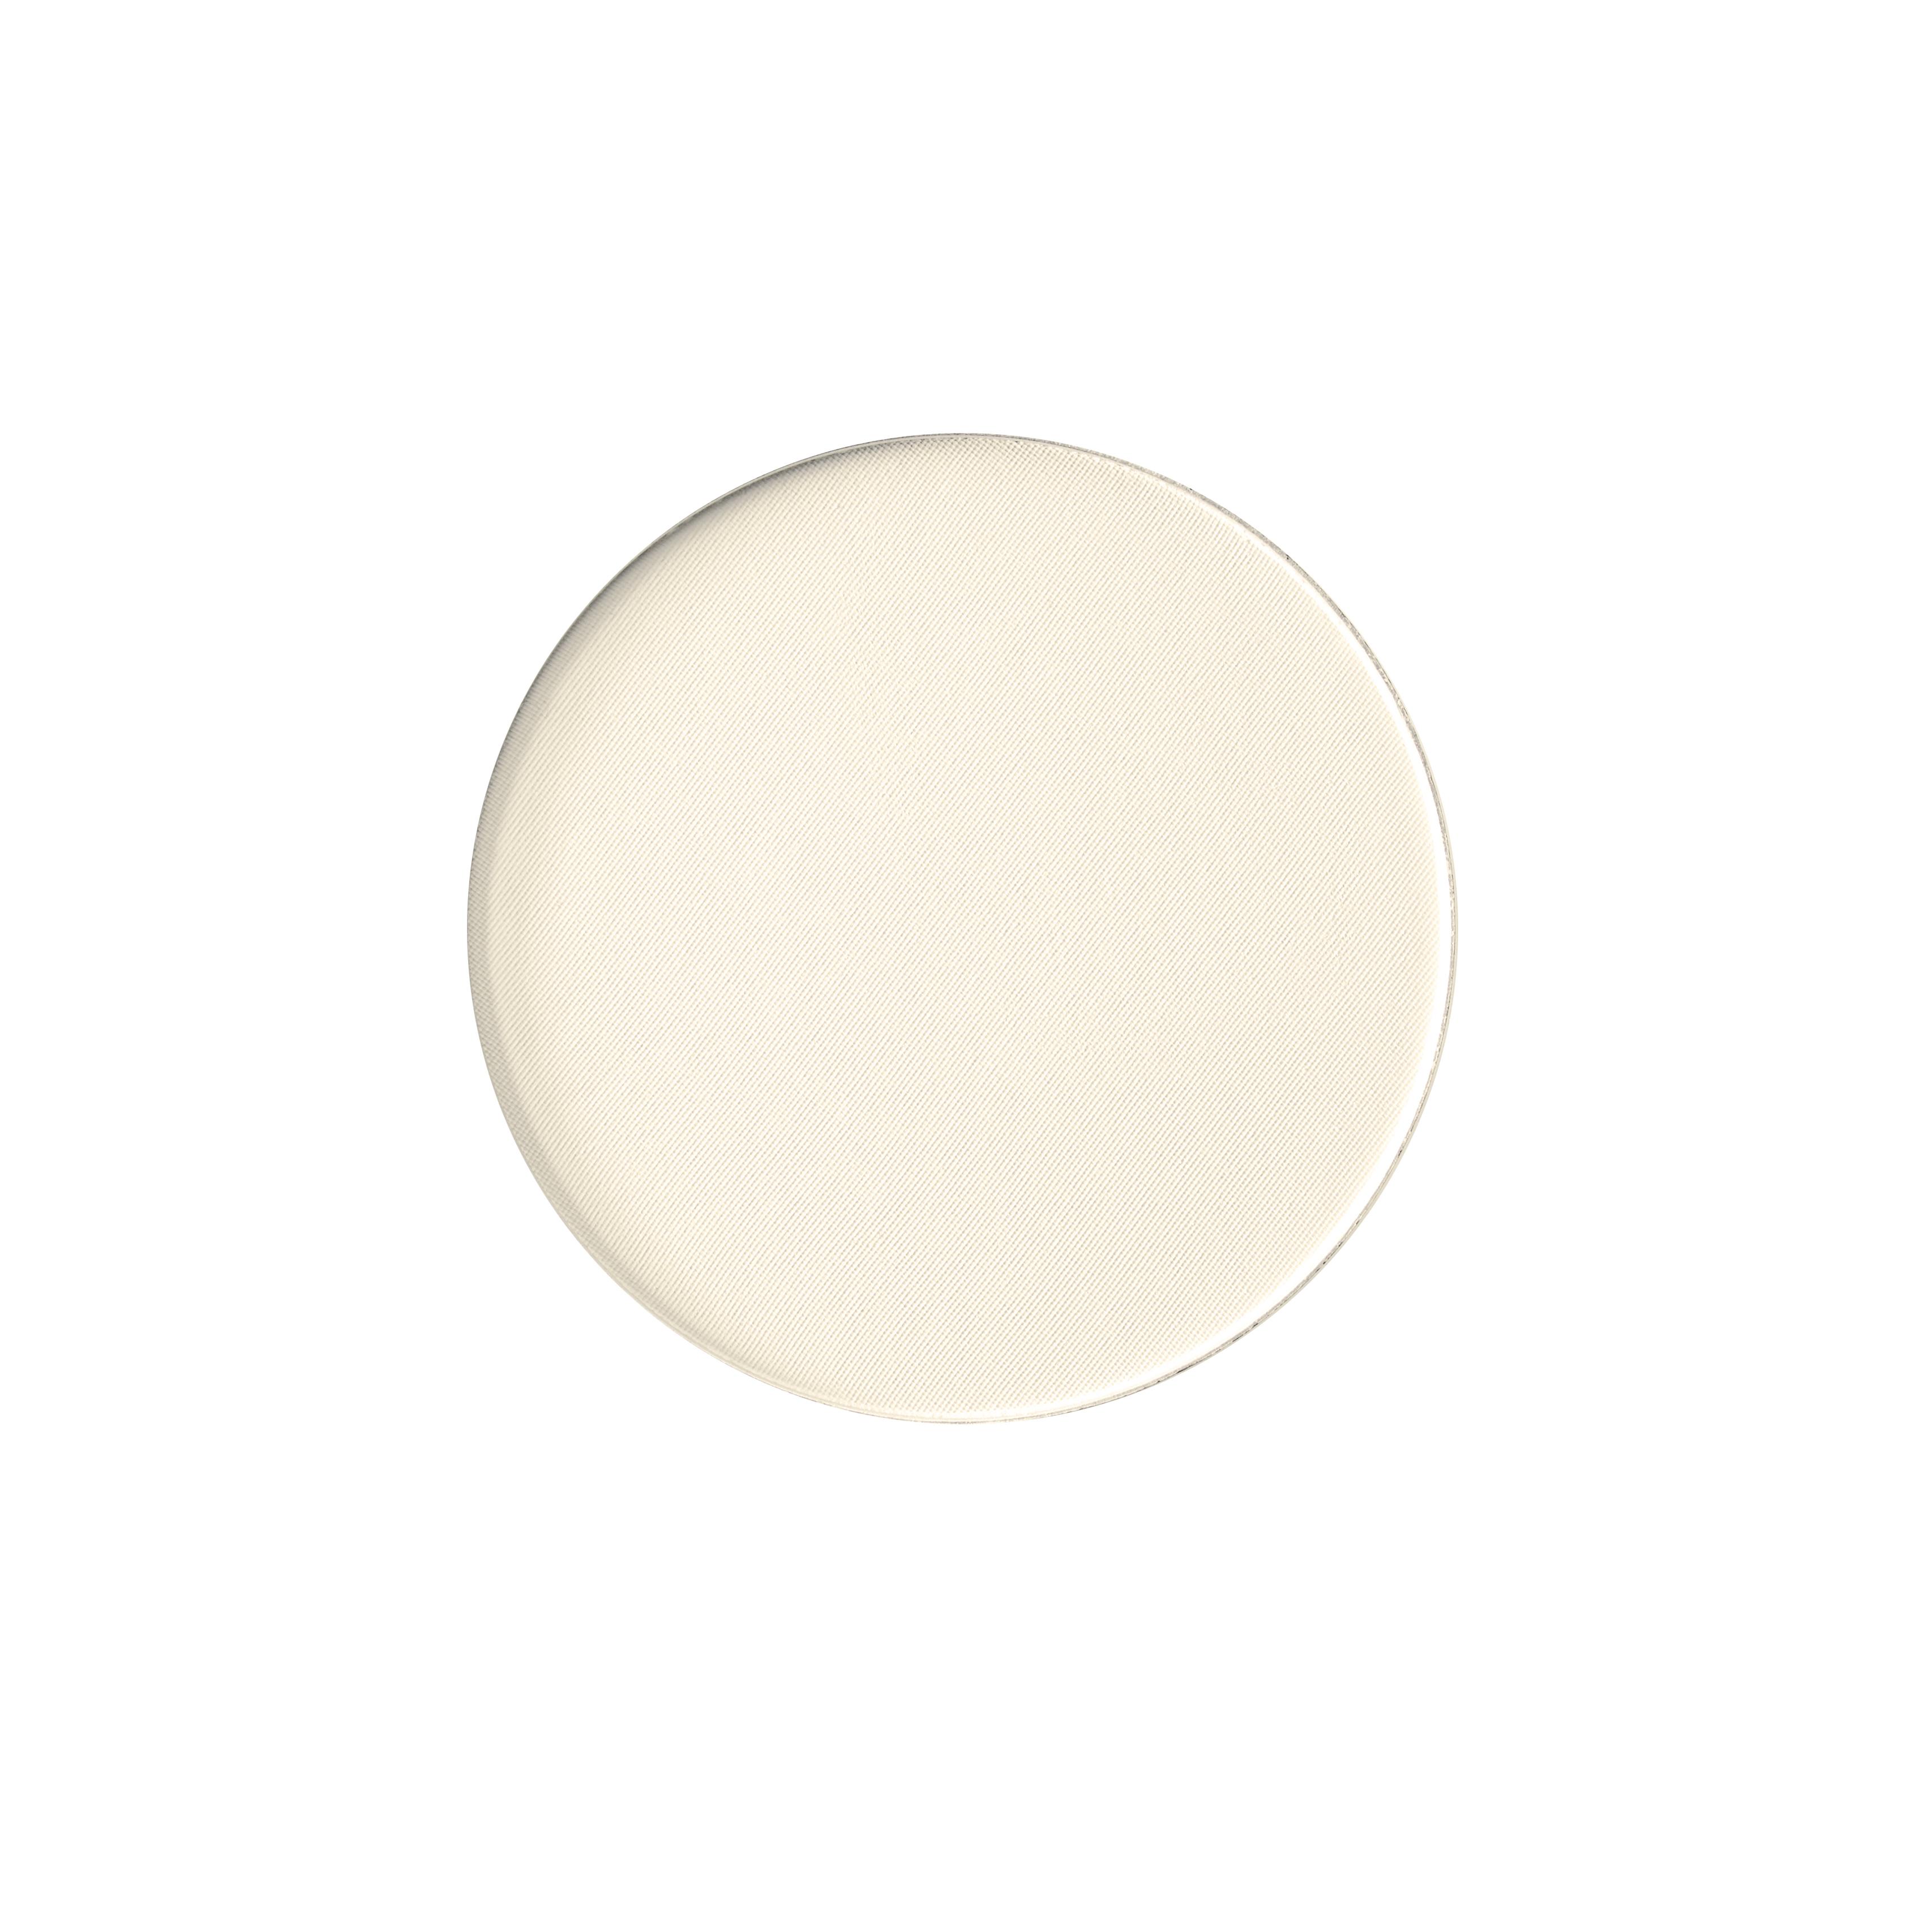 【パウダー】amritara オールライトサンスクリーンパウダー SPF38 PA+++ レフィル 10g【Face powder】